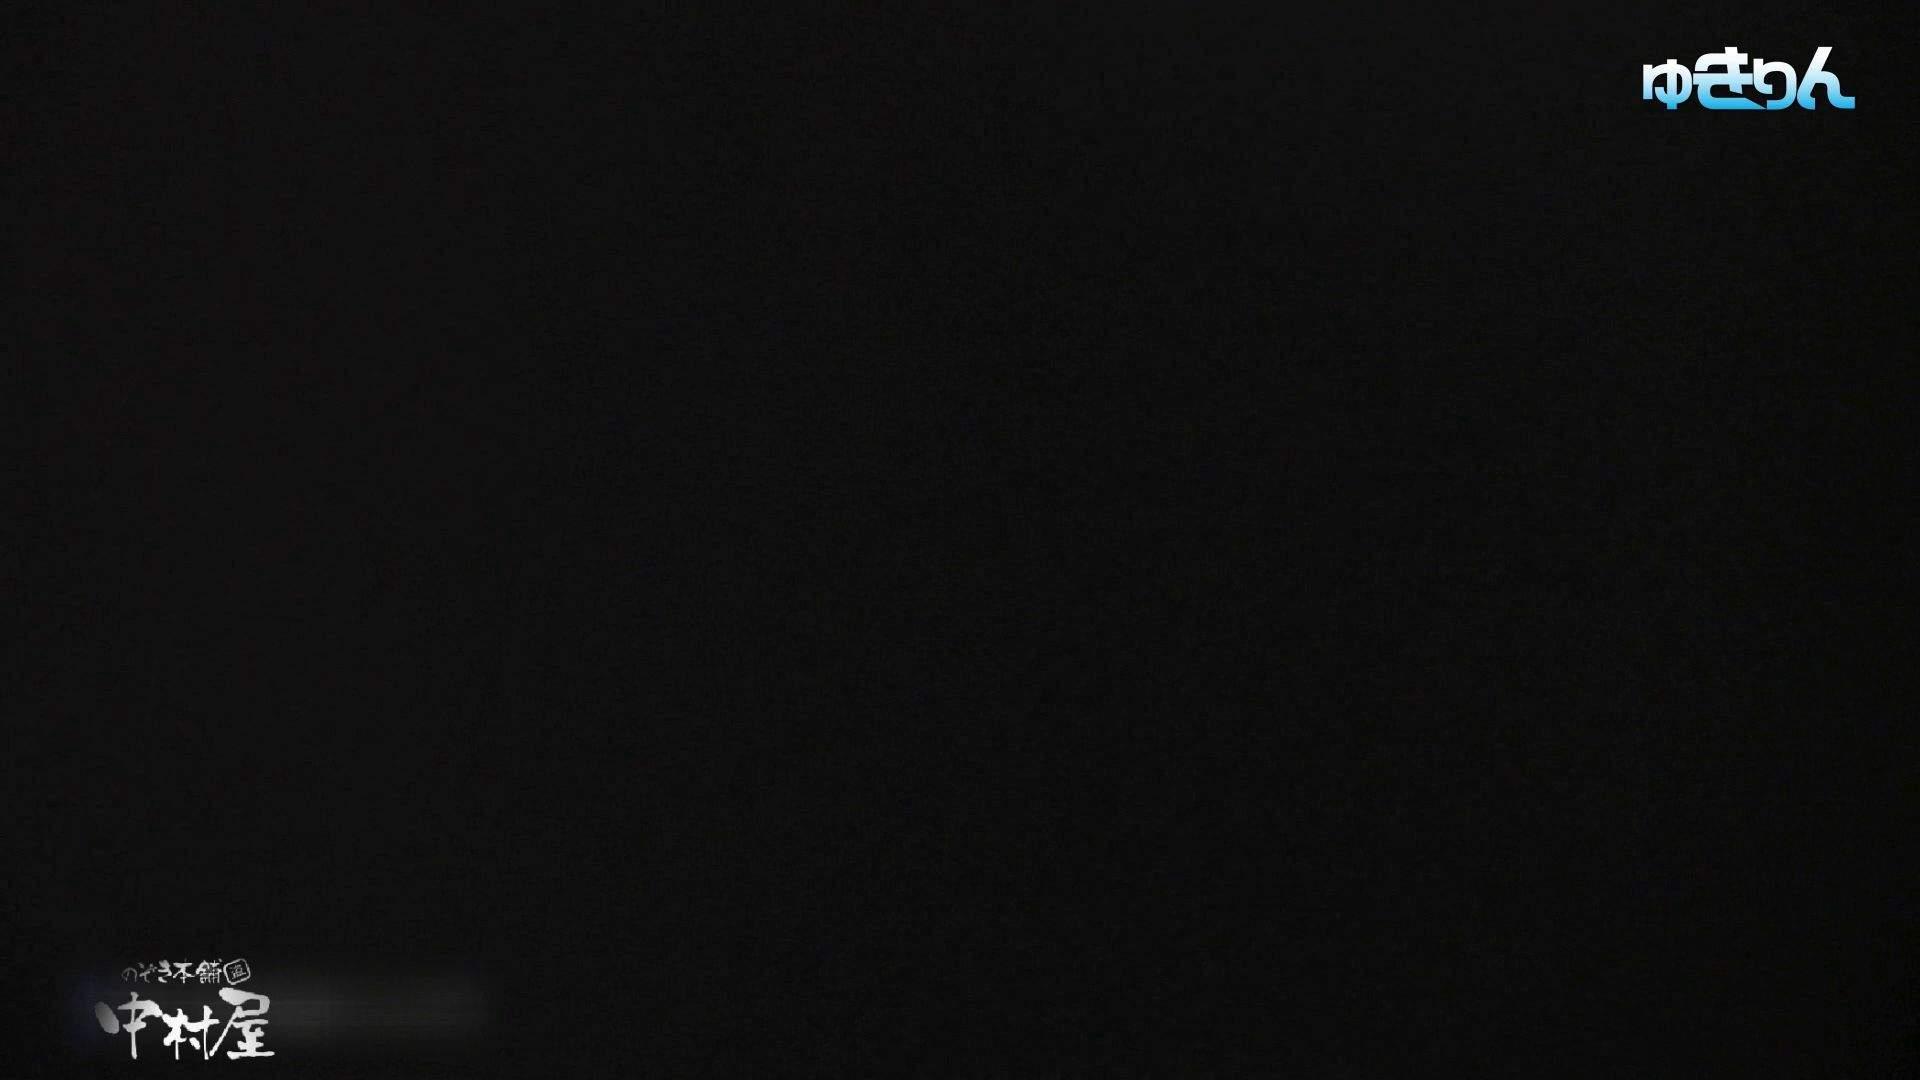 世界の射窓から~ステーション編 vol59 ユキリン奮闘!!新しいカメラに変更しました。後編 おまんこ見放題  101PIX 26